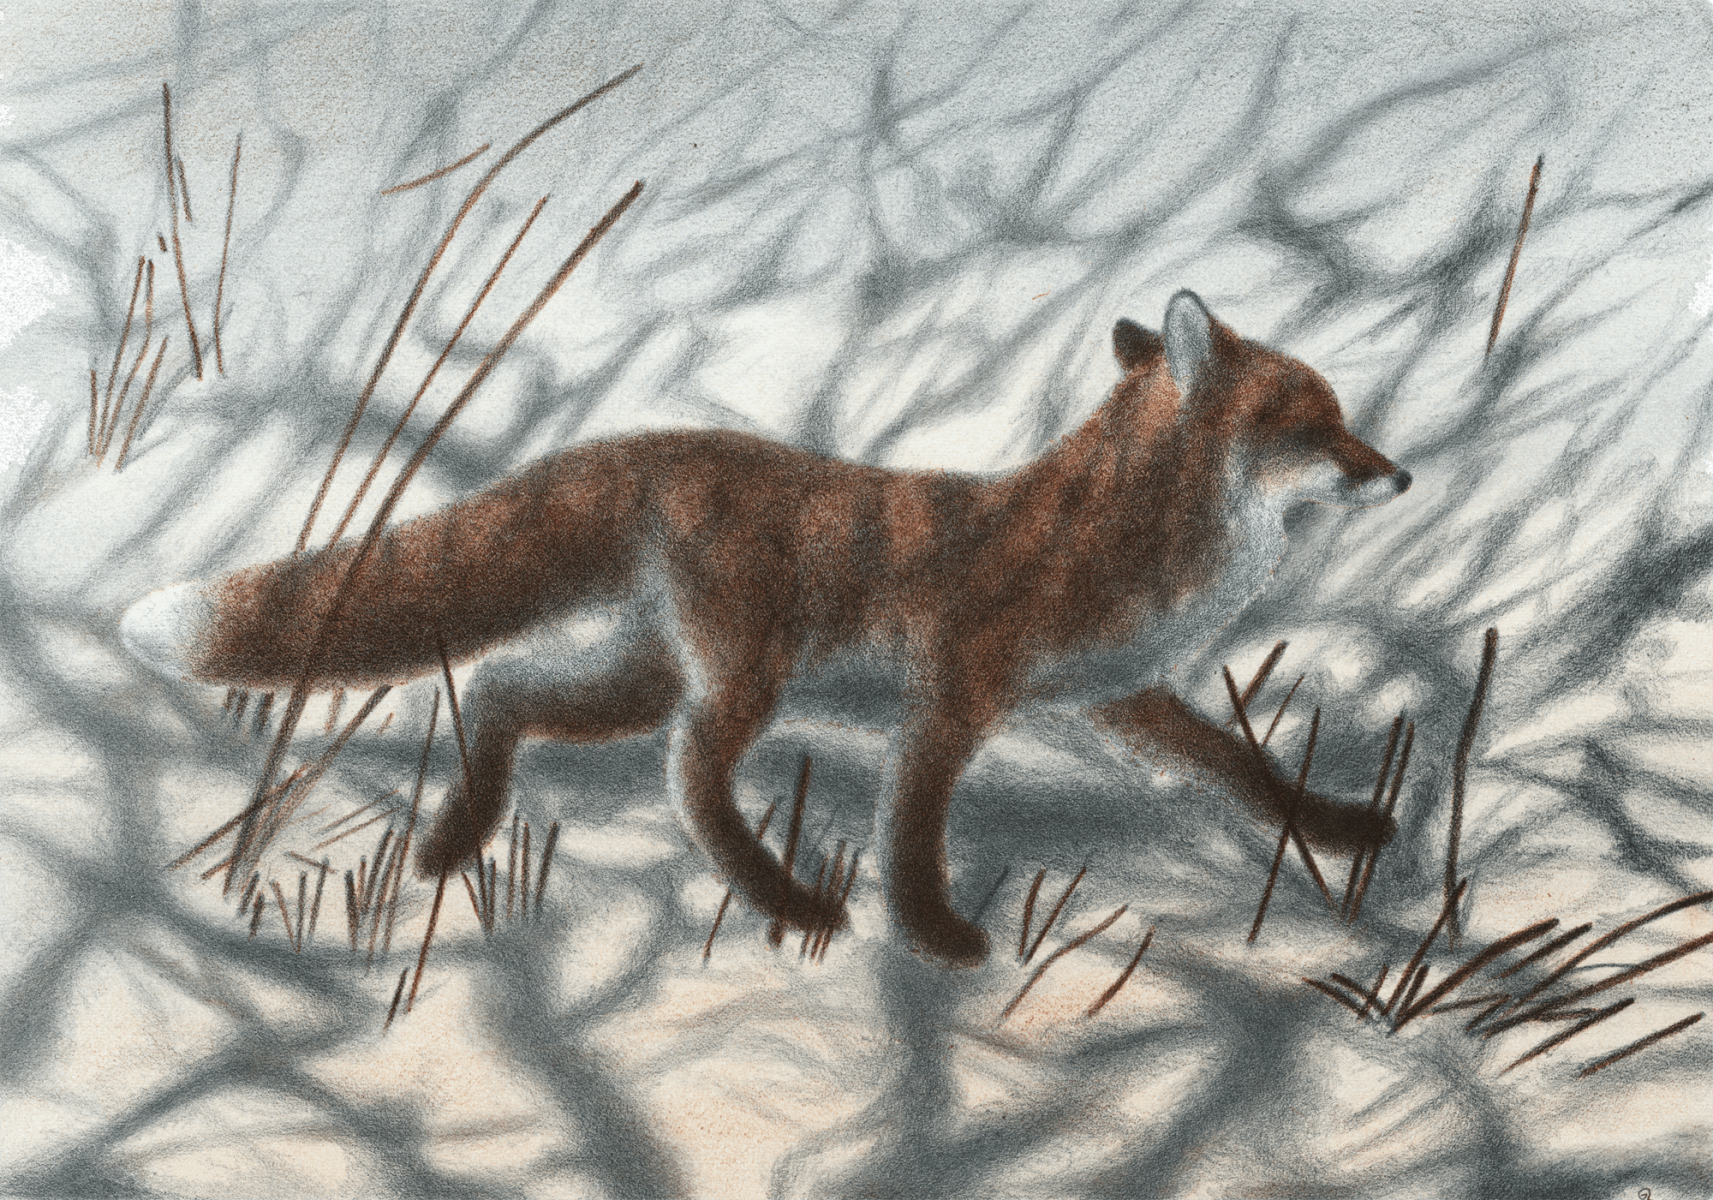 Le renard en 10 citations la salamandre - Renard en dessin ...